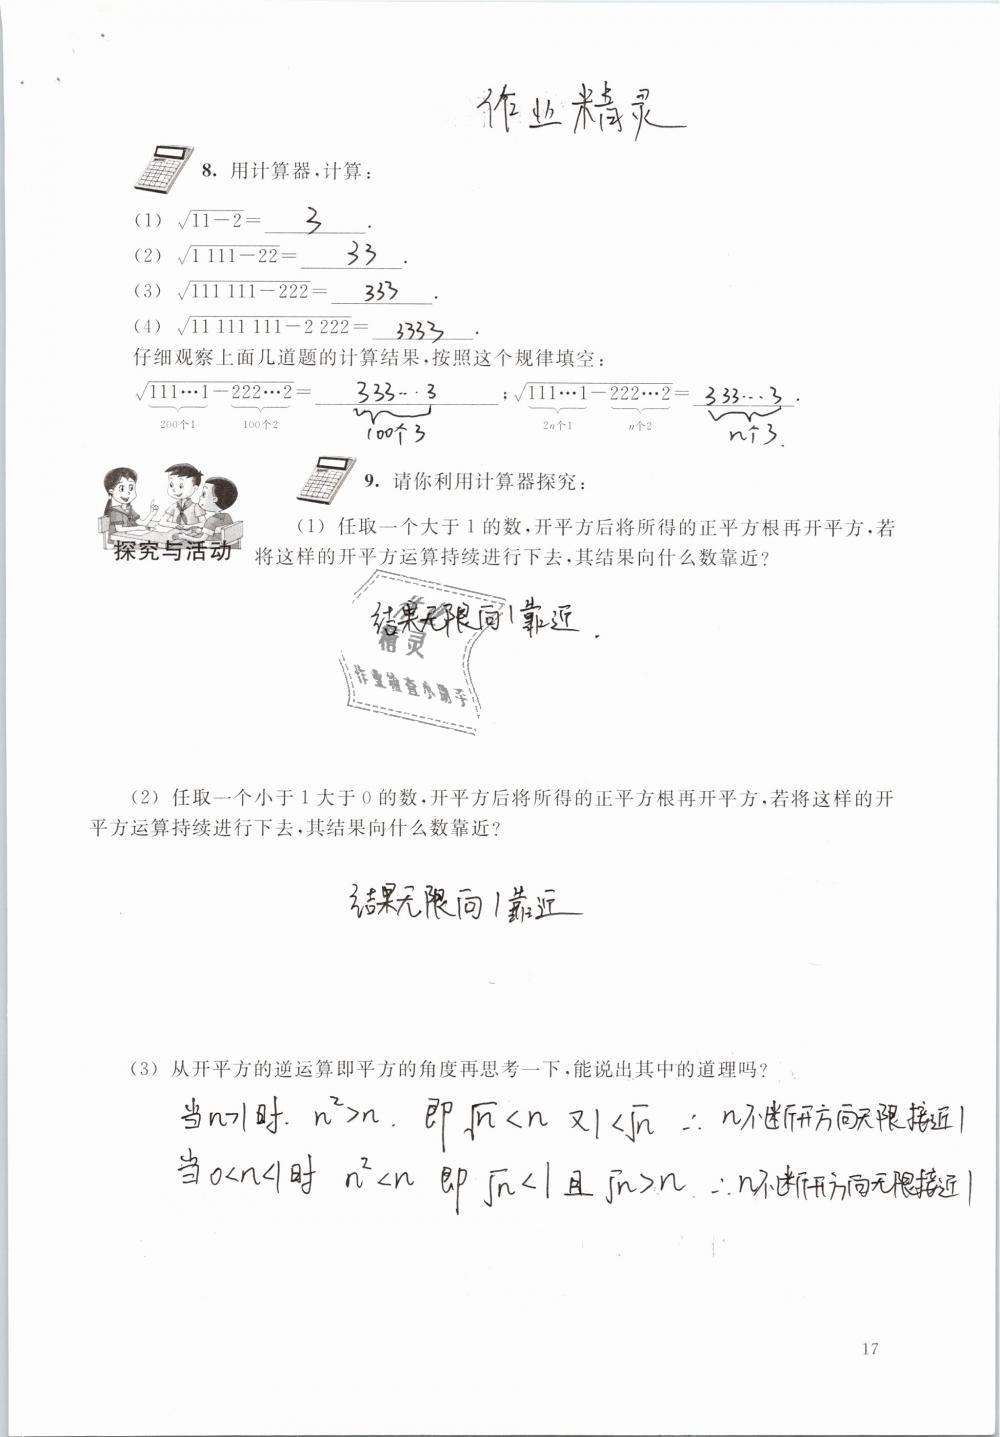 2019年数学练习部分七年级第二学期第17页